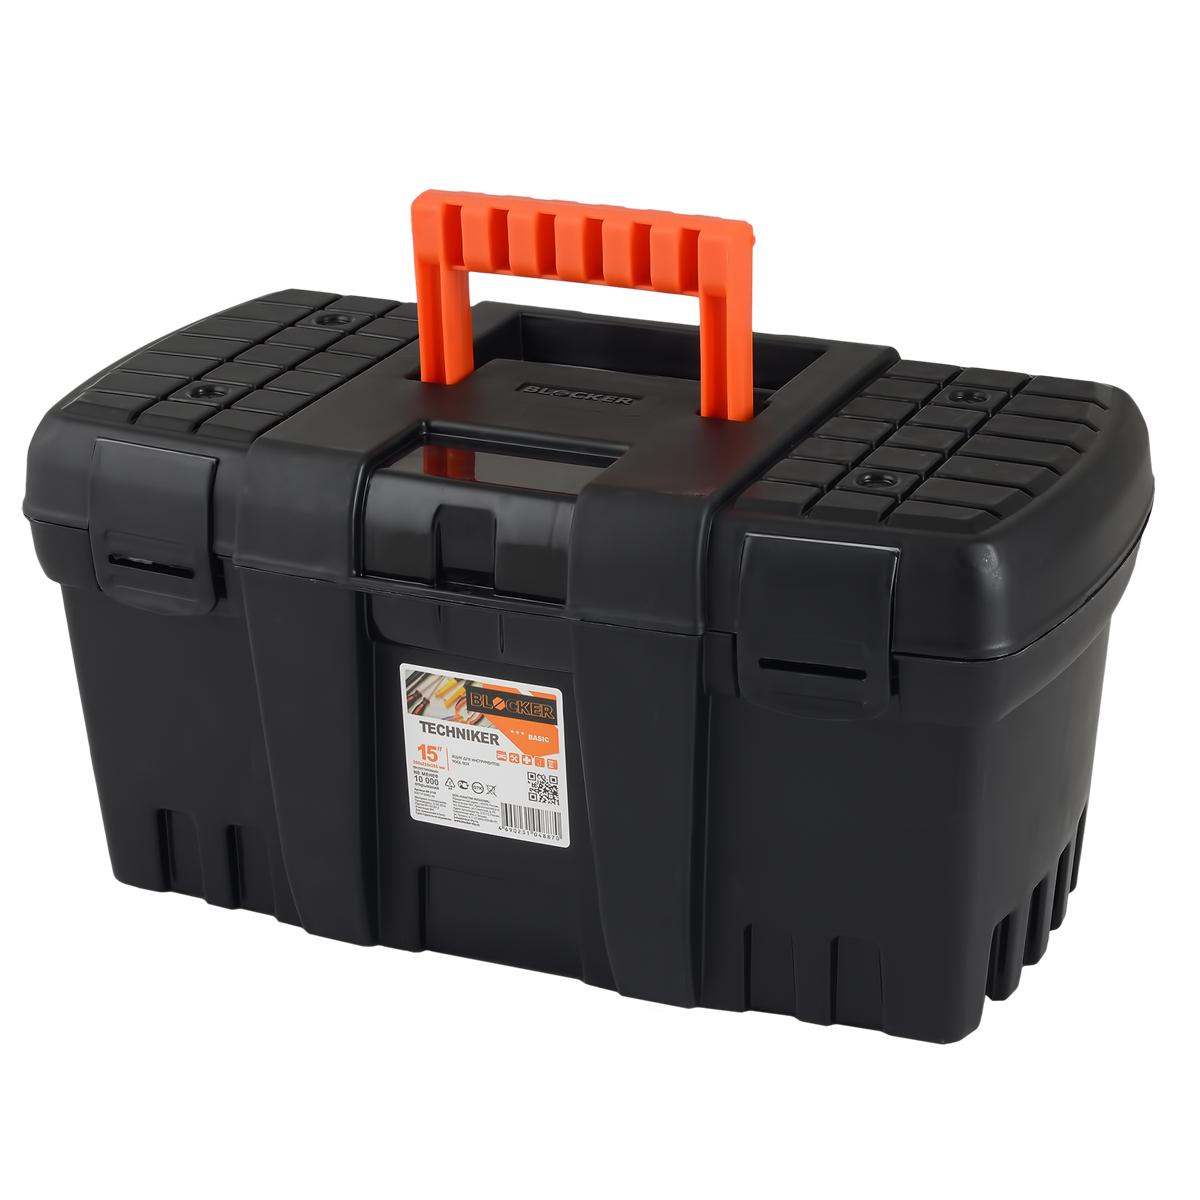 Ящик для инструментов Blocker Techniker, цвет: черный, 460 х 250 х 233 мм98298123_черныйЯщик Blocker Techniker отлично подходит для организации хранения и транспортировки инструментов и принадлежностей к ним в автомобиле, на даче или дома. Петли и замки выполнены единым элементом с корпусом. Не имеет внутреннего лотка. Каждый элемент имеет ресурс 10 000 изгибов, что позволяет интенсивно эксплуатировать продукт несколько лет.